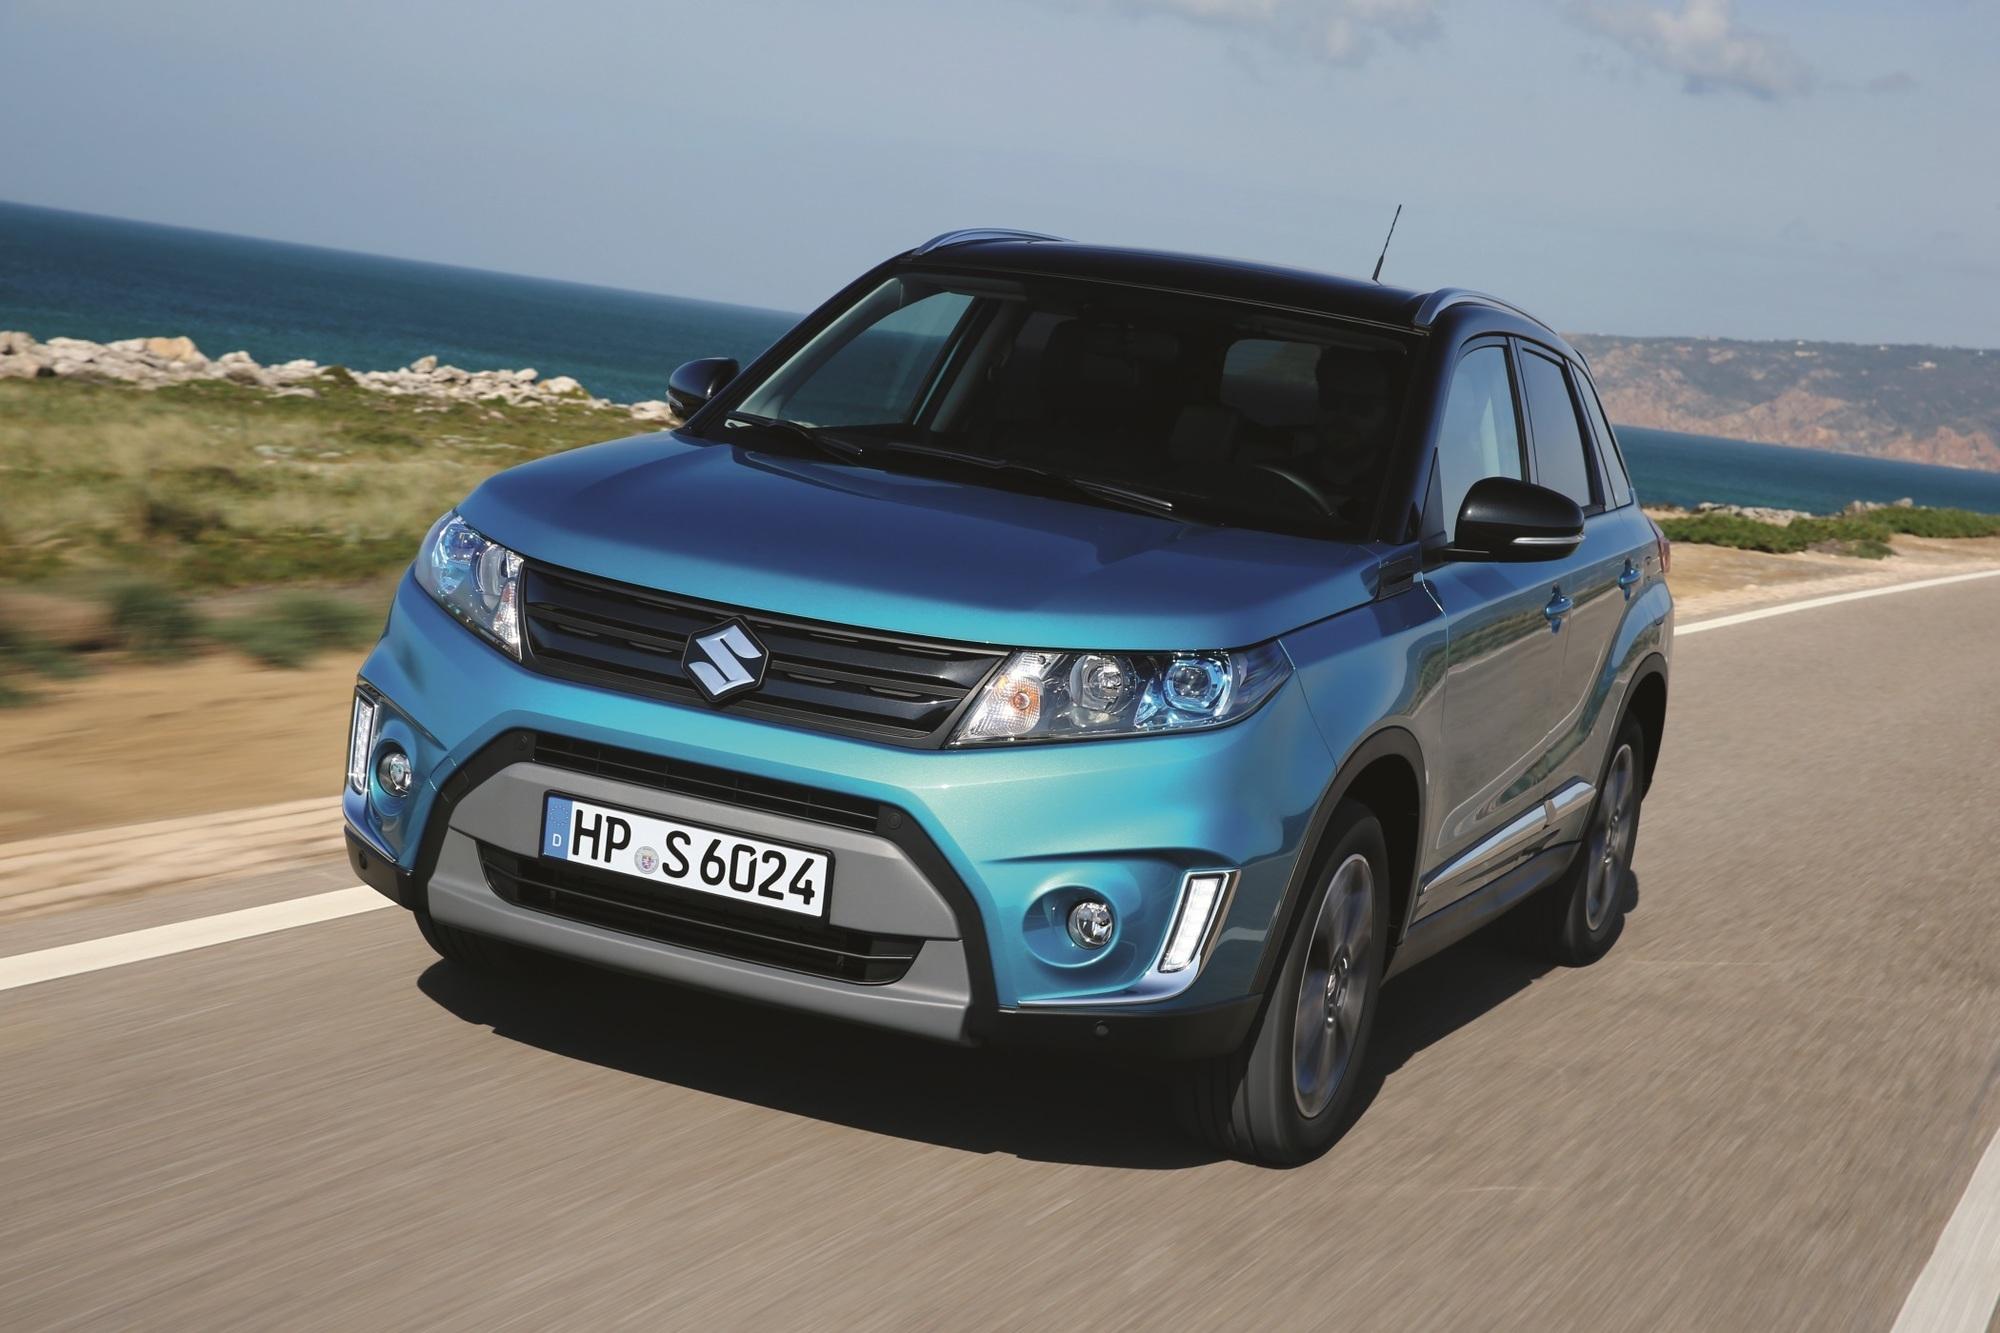 Fahrbericht: Suzuki Vitara - Leichtfüßig gegen den Marktführer